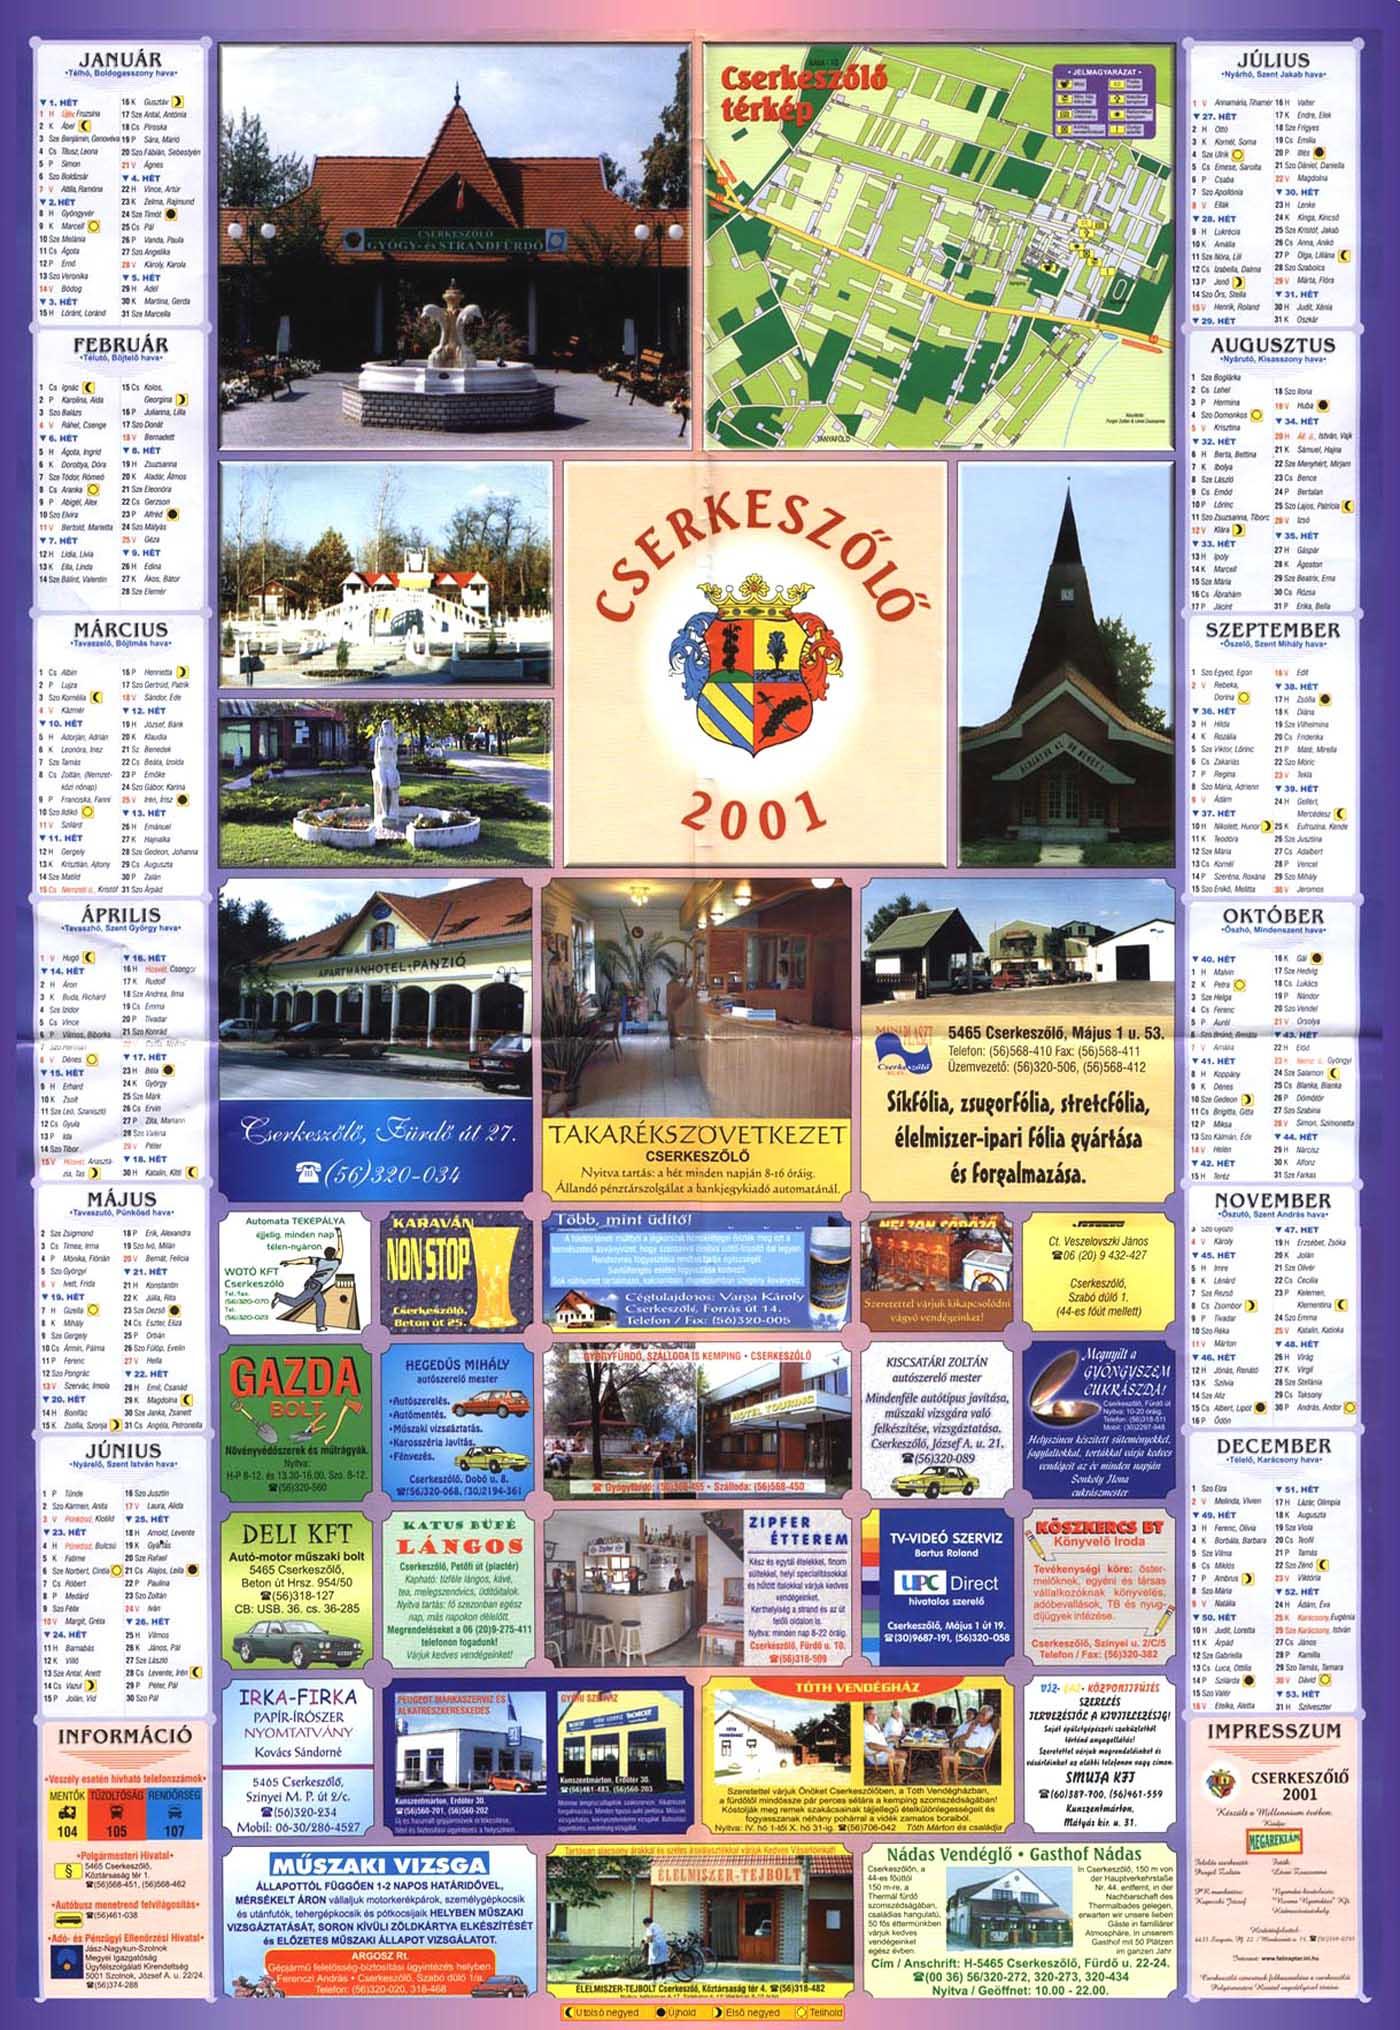 12-Cserkeszolo2001Falinaptar-2000